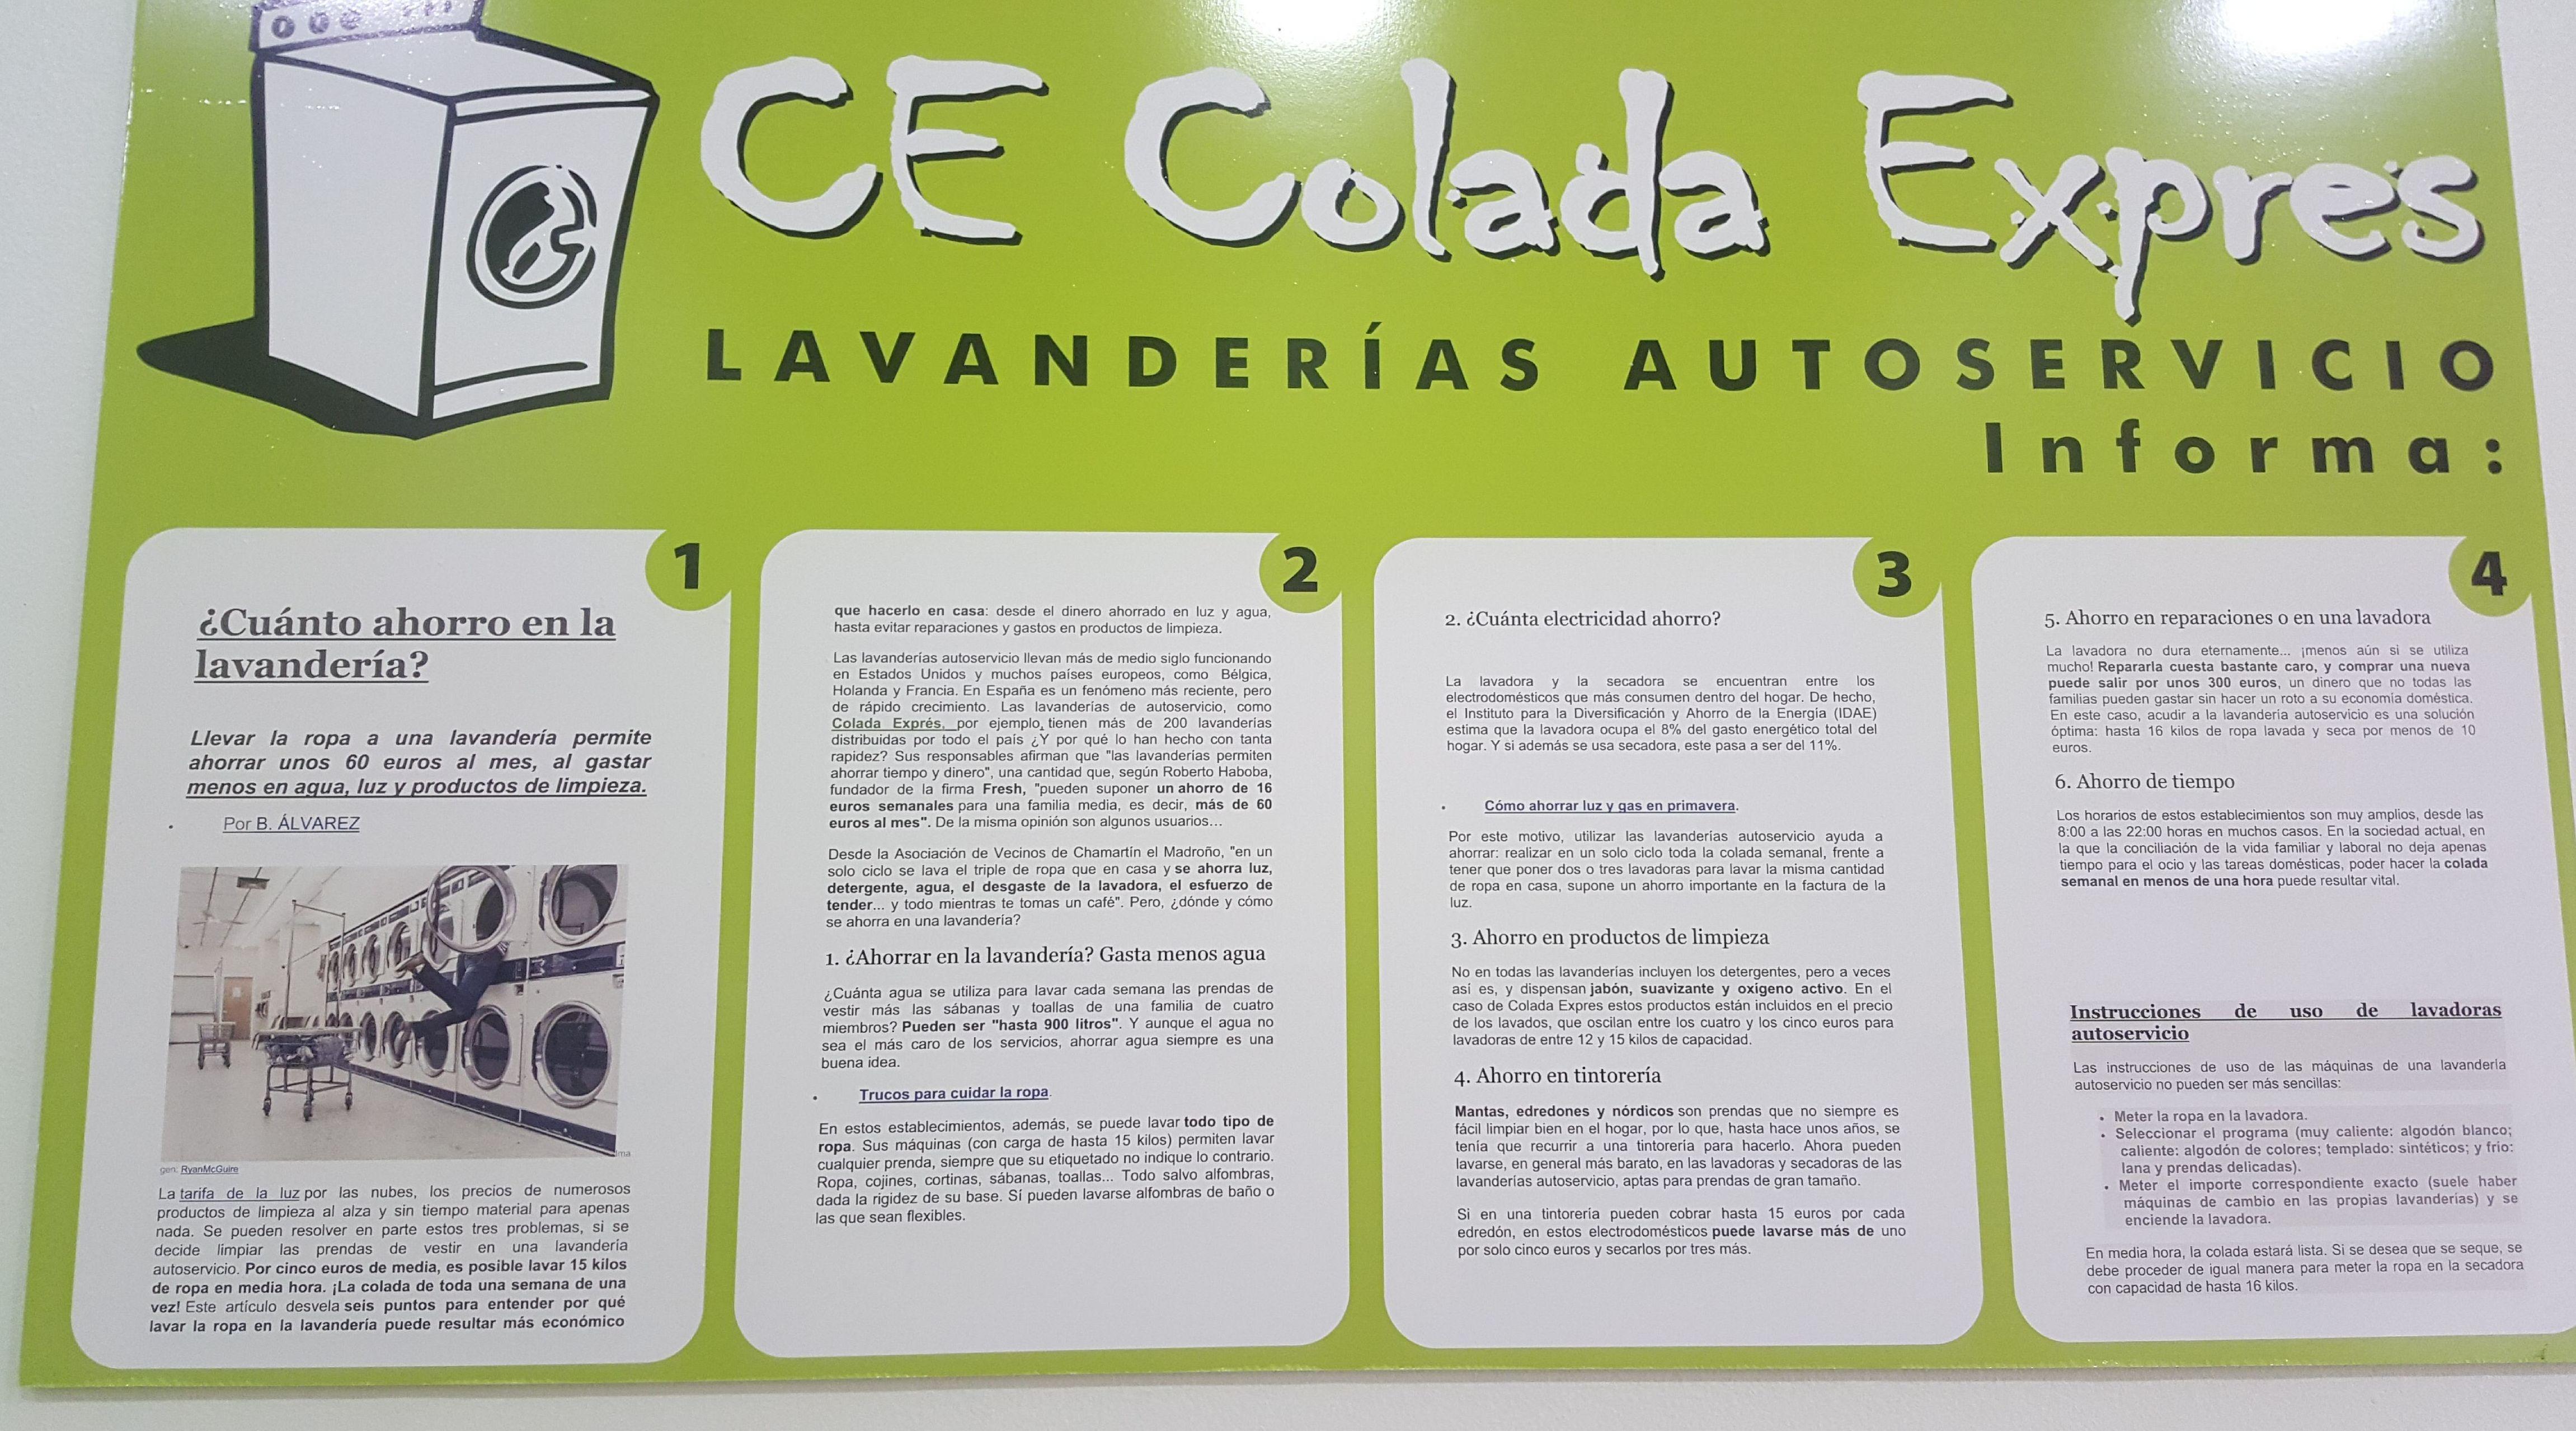 Foto 2 de Lavandería autoservicio en  | Lavandería Colada Expres Toledo